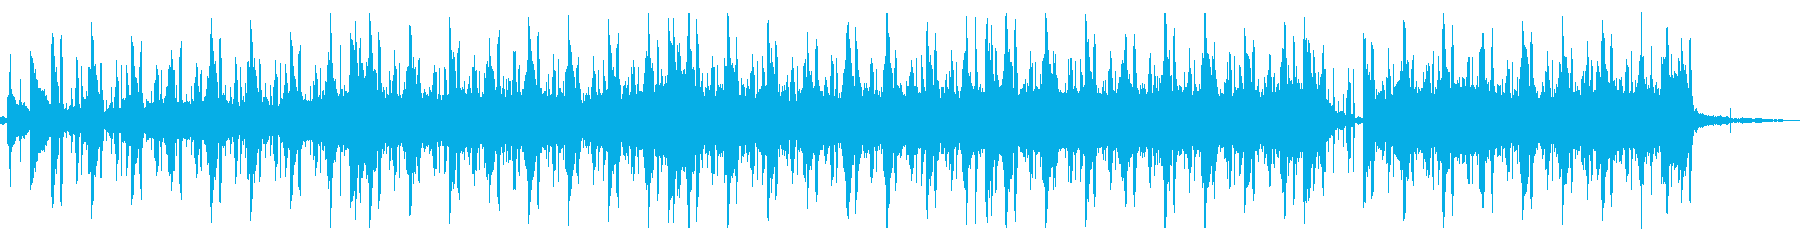 ジャズ風なLo-Fi Beatsの再生済みの波形